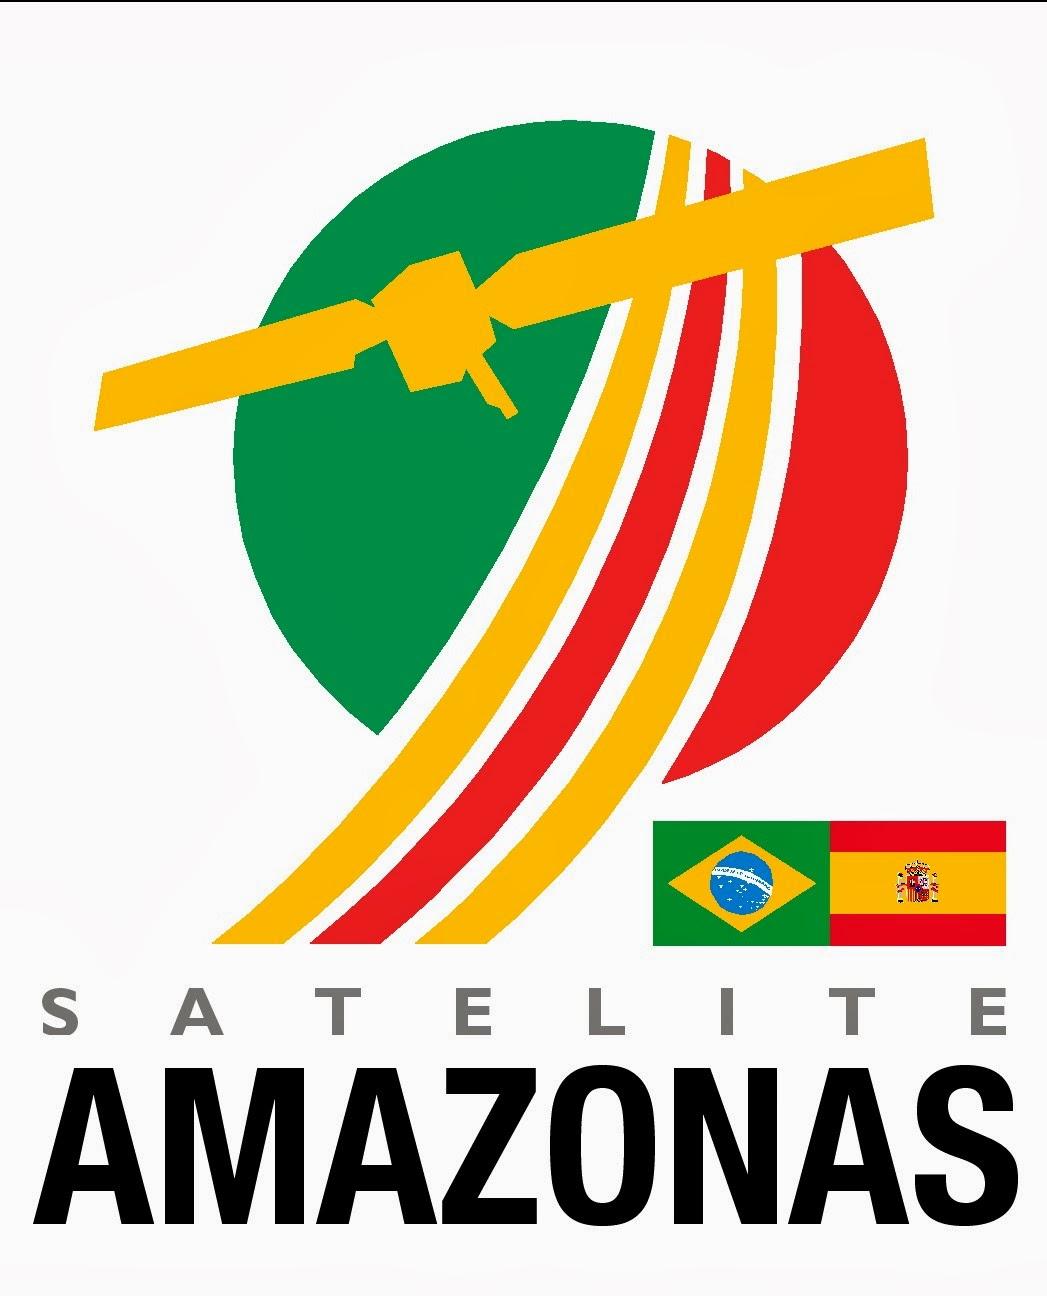 Canales satelite amazonas 61w